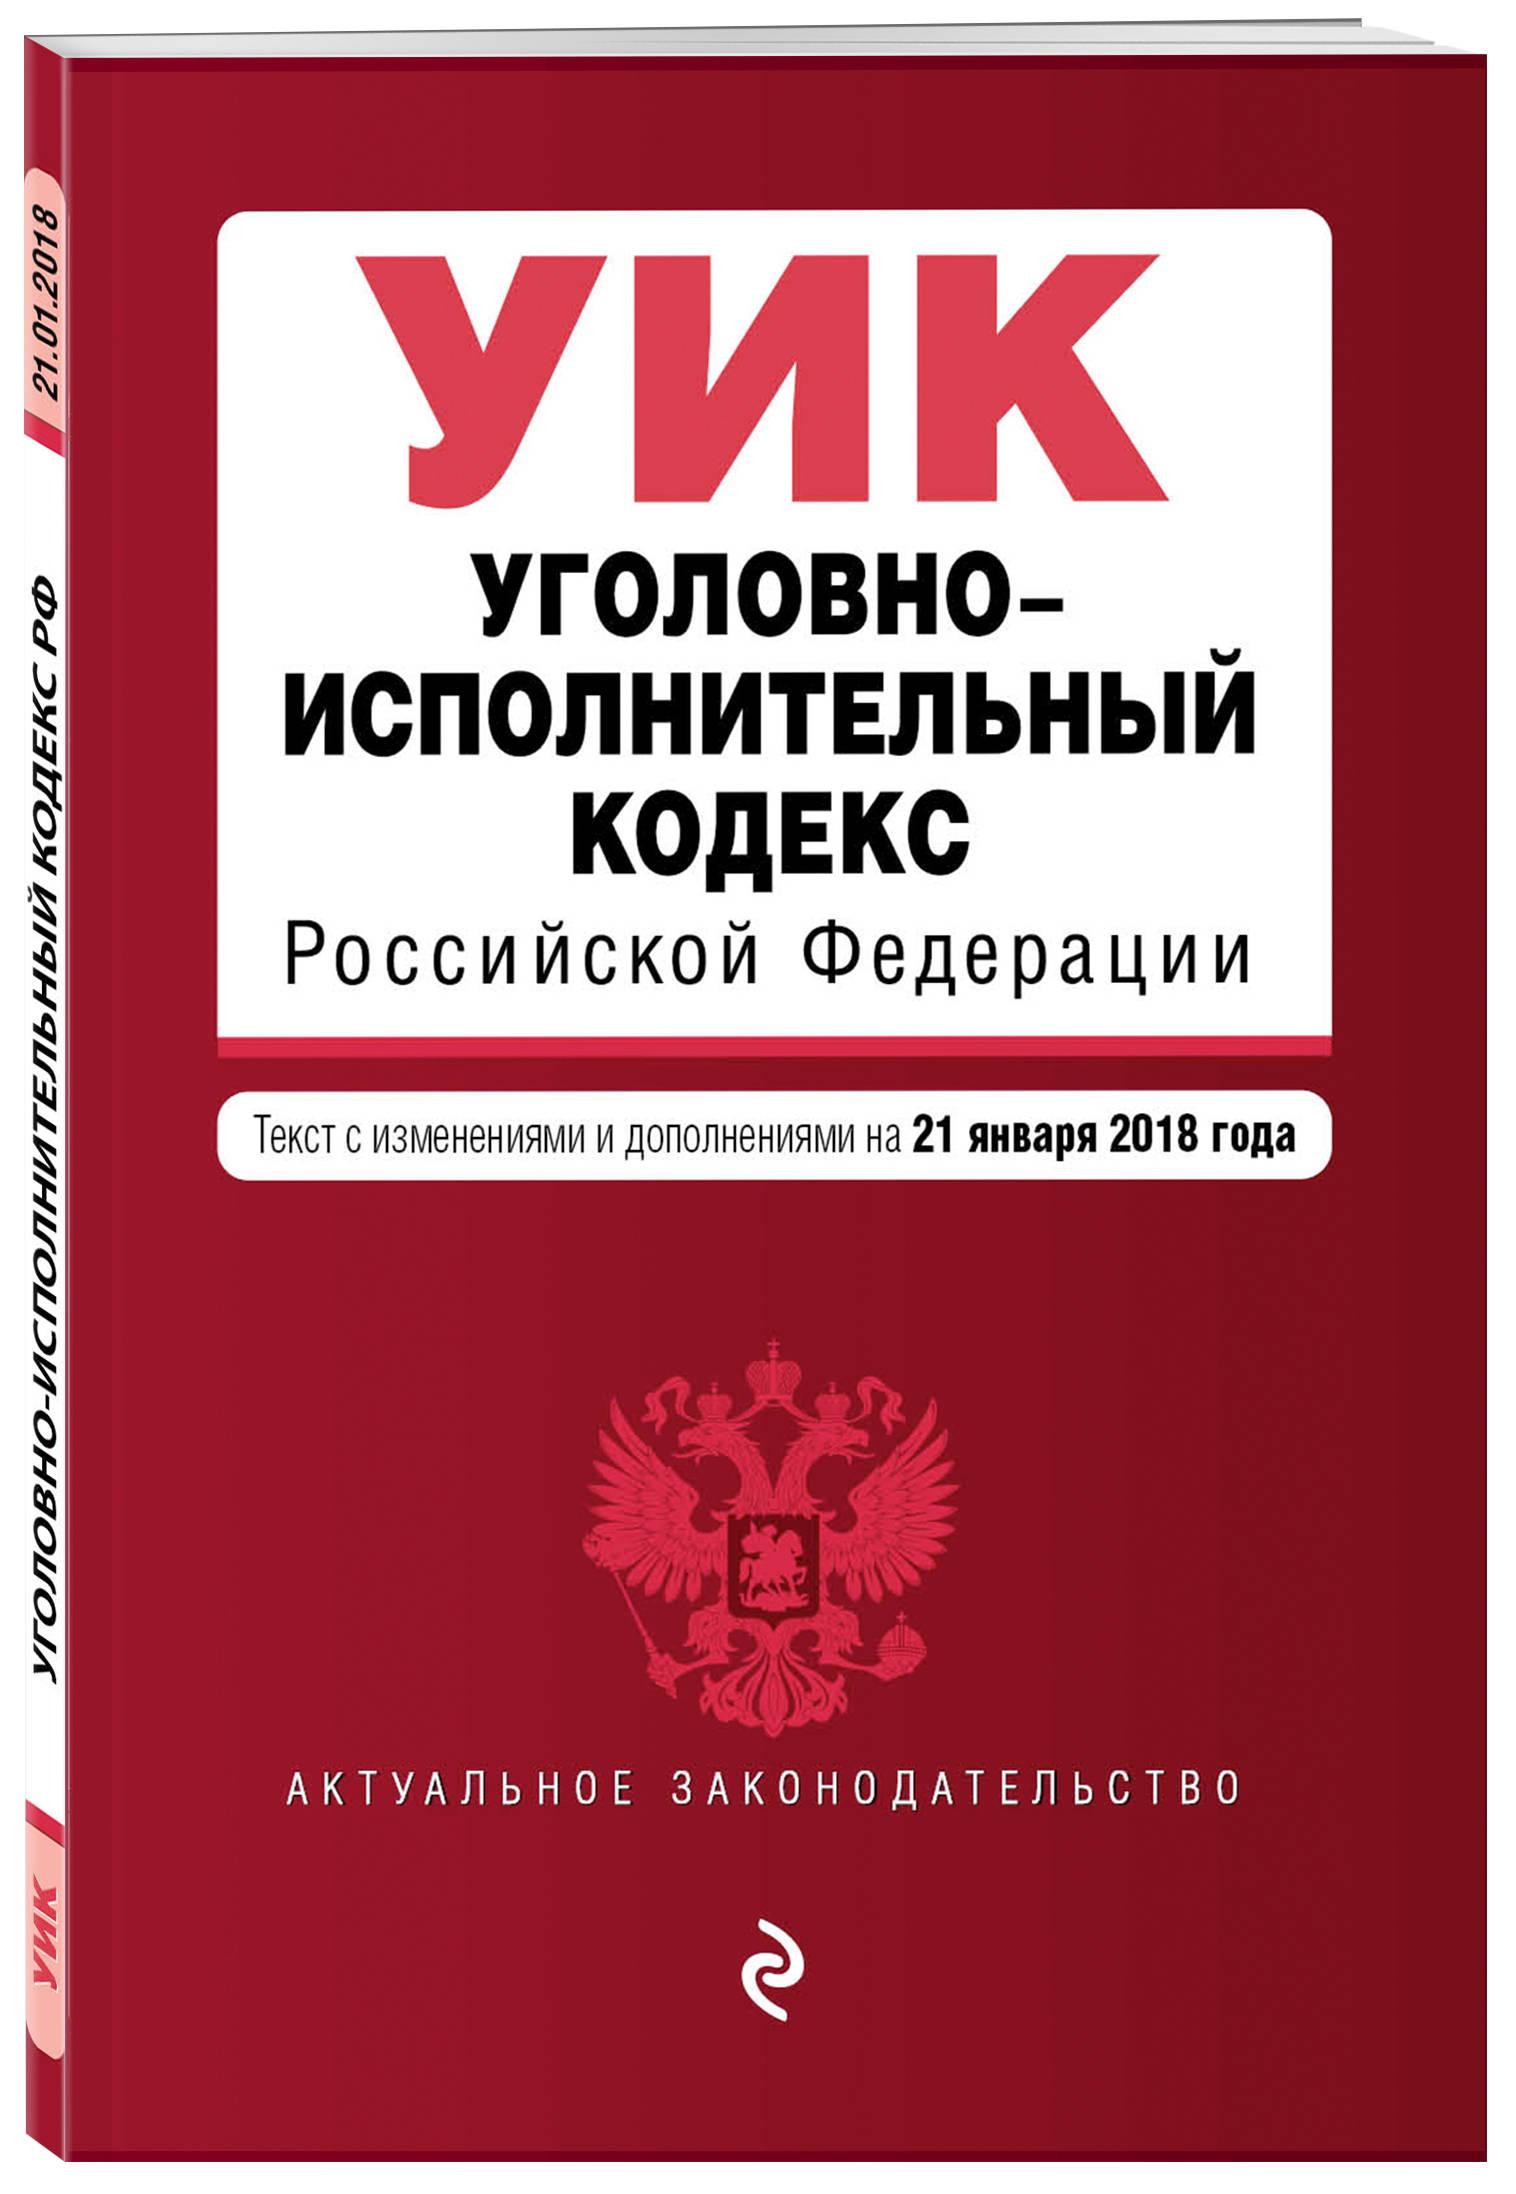 Уголовно-исполнительный кодекс Российской Федерации. Текст с изм. и доп. на 21 января 2018 г.